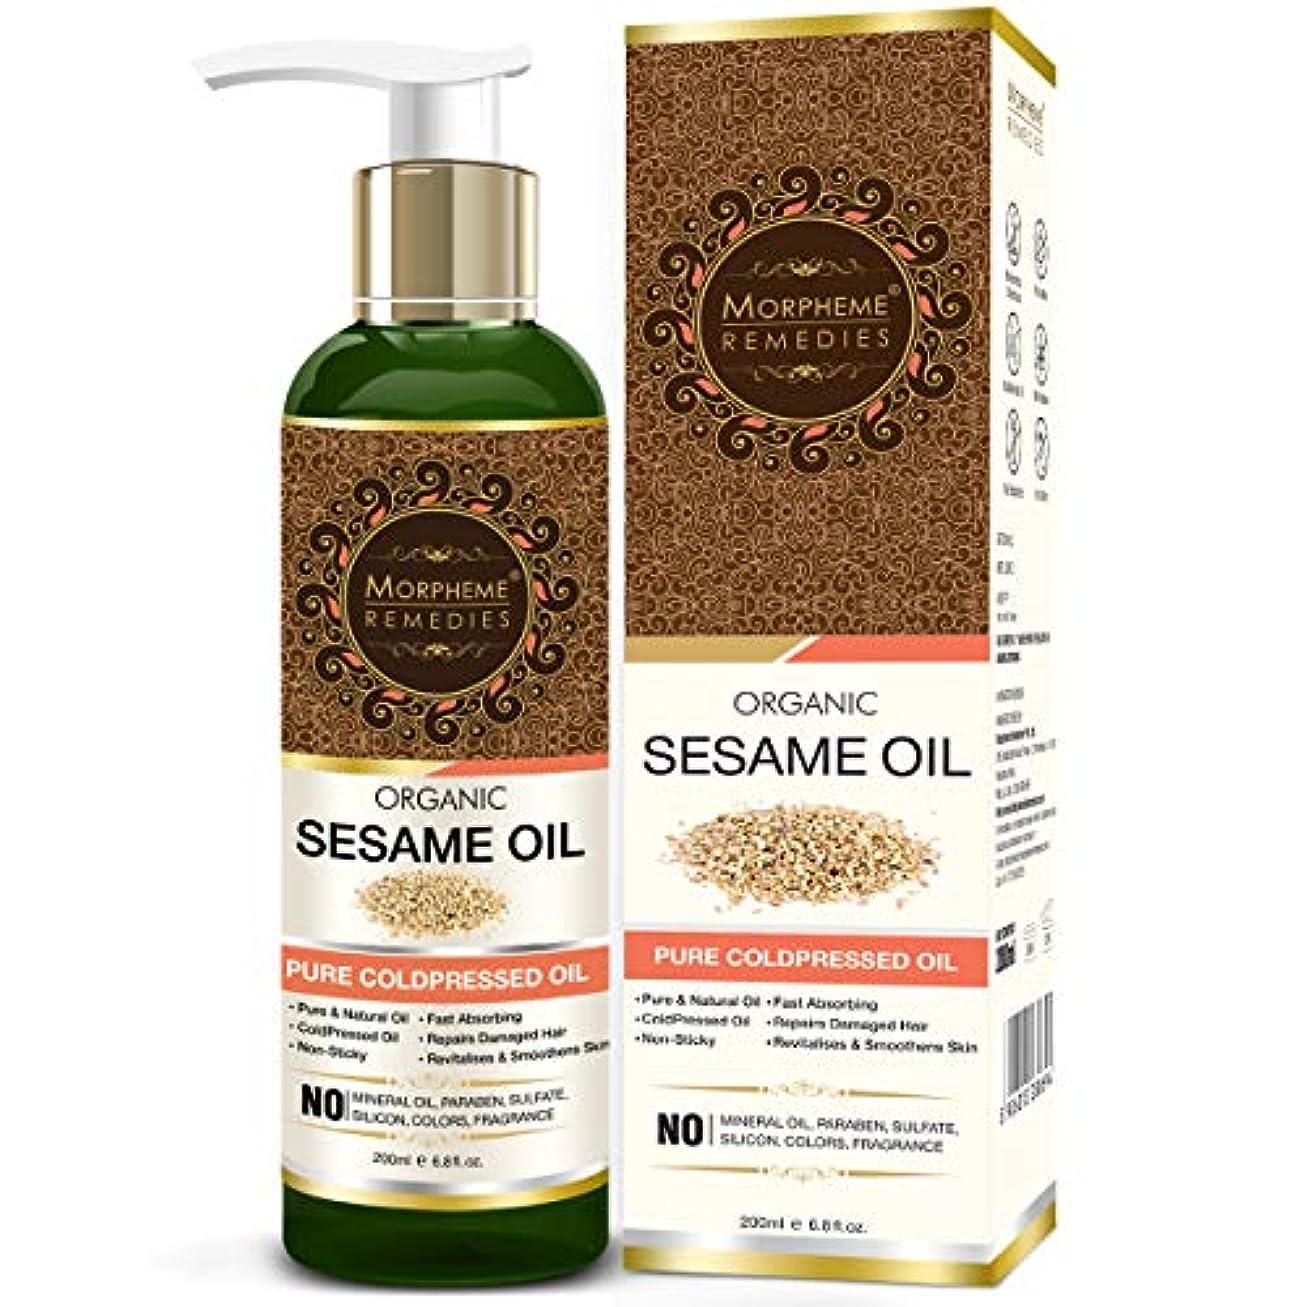 実現可能影響を受けやすいです耕すMorpheme Remedies Organic Sesame Oil (Pure ColdPressed Oil) For Hair, Body, Skin Care, Massage, 200 ml